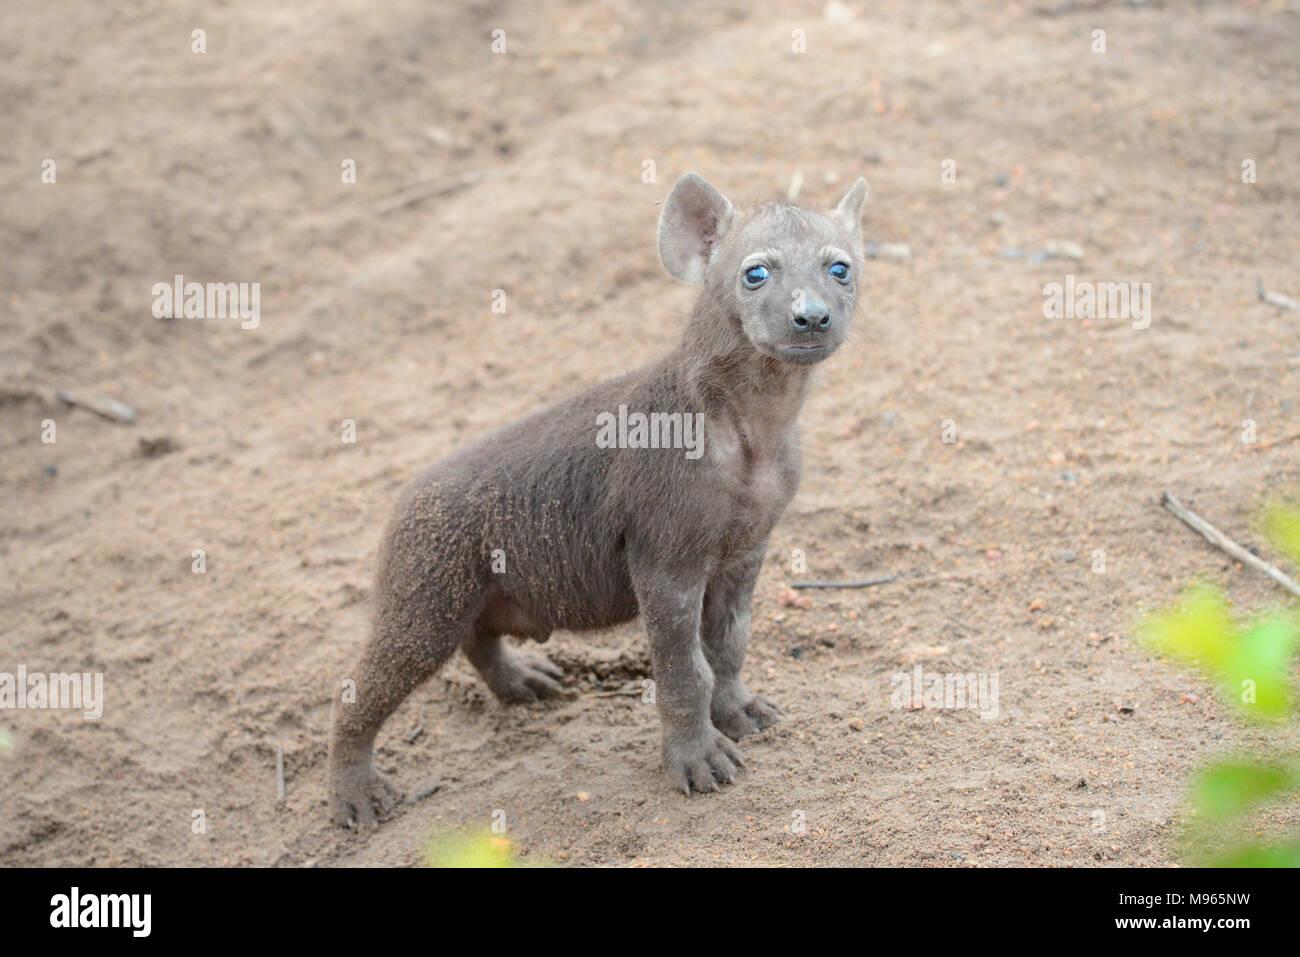 Il Sudafrica è una destinazione turistica popolare per la sua miscela di veri africani e esperienze europee. Il Kruger Park baby iena. Immagini Stock